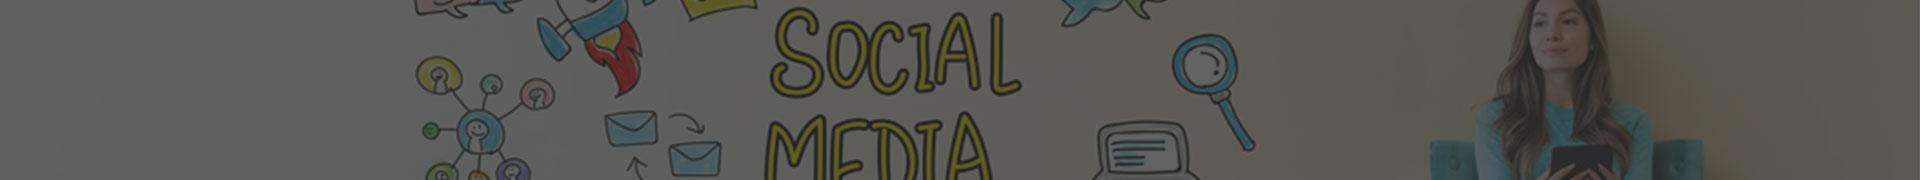 Tirer parti des réseaux sociaux